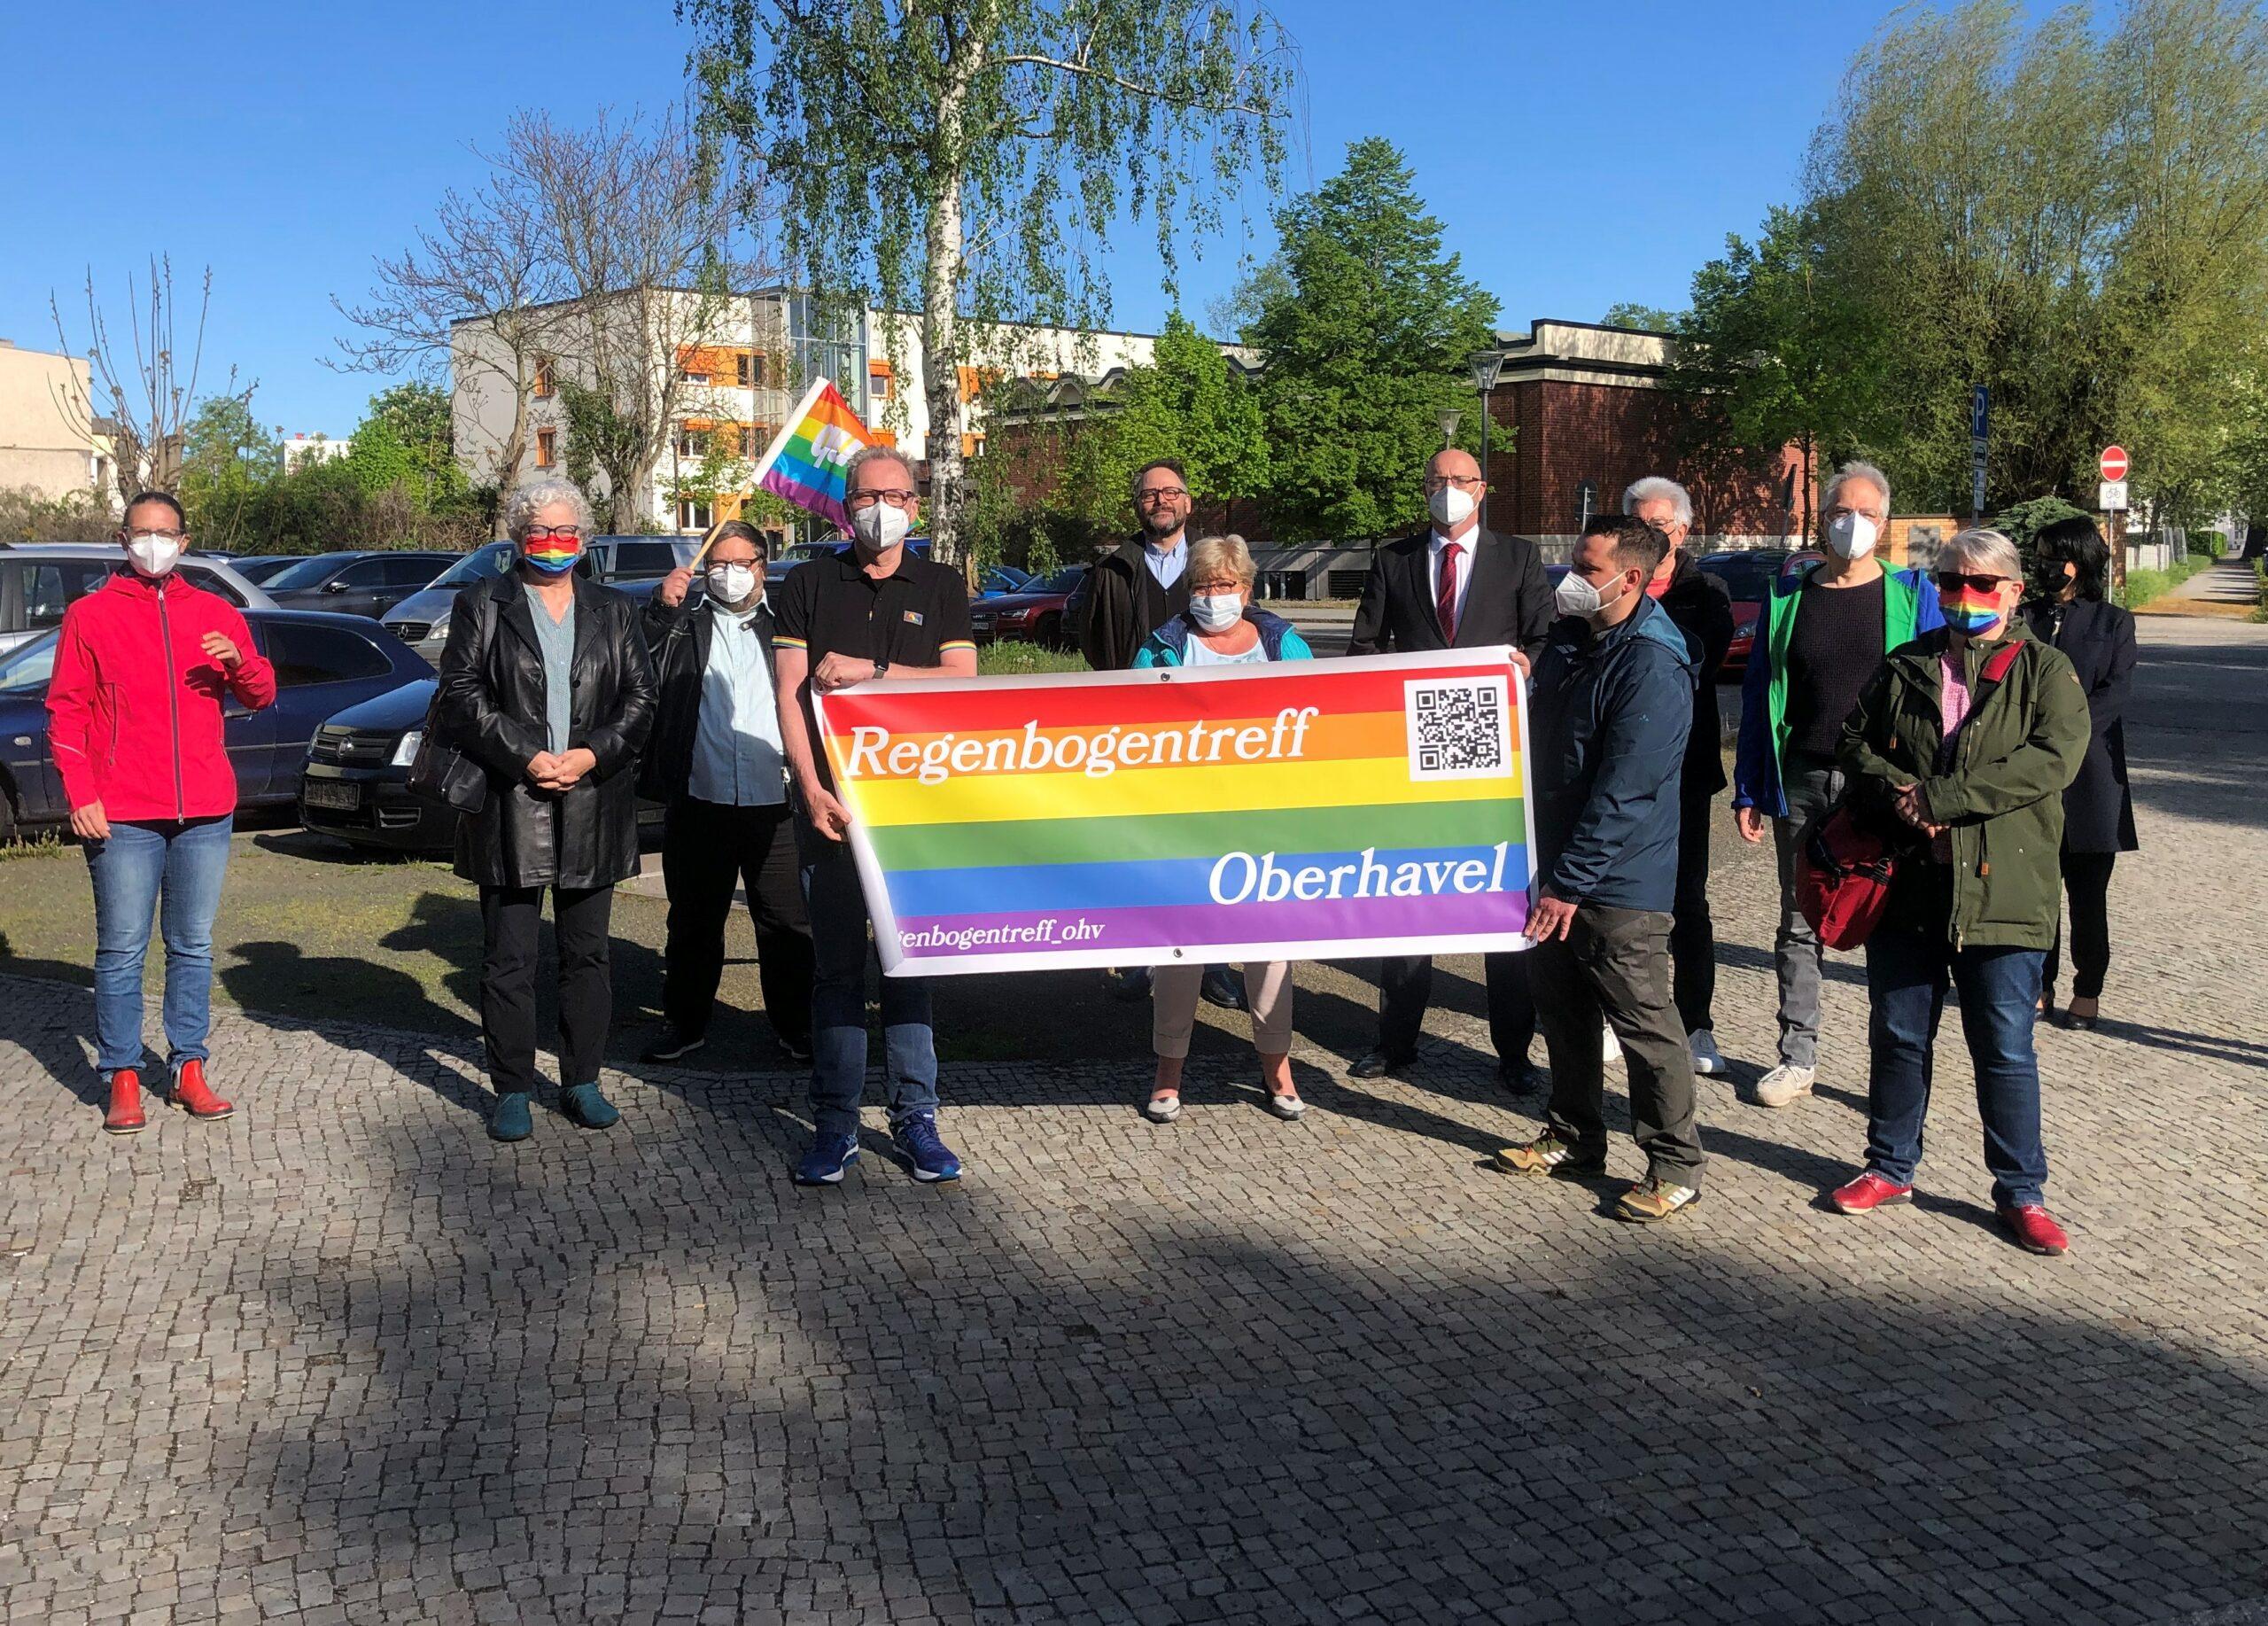 Gemeinsam mit Aktivist:innen vom Regenbogentreff Oberhavel haben wir heute an der Kreisverwaltung ein Zeichen für Vielfalt und Akzeptanz gesetzt.